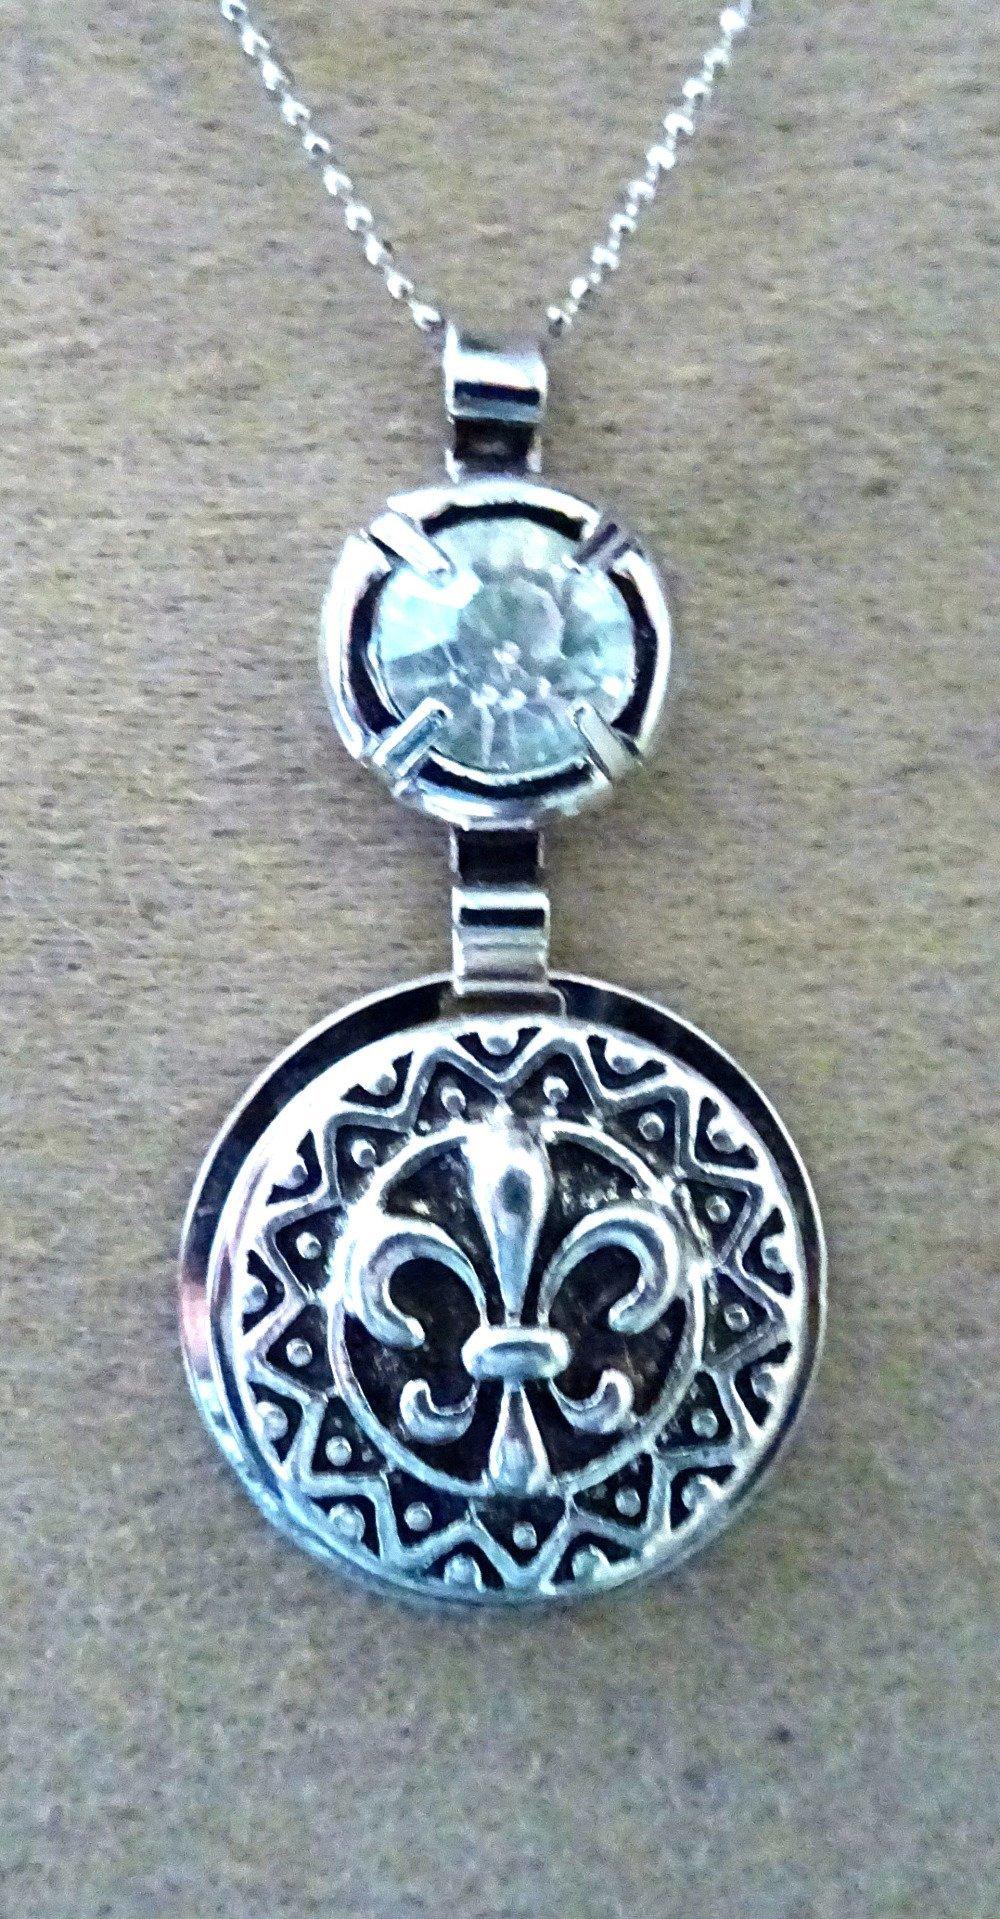 pendentif fleur de lys, médiéval, métal argenté 2